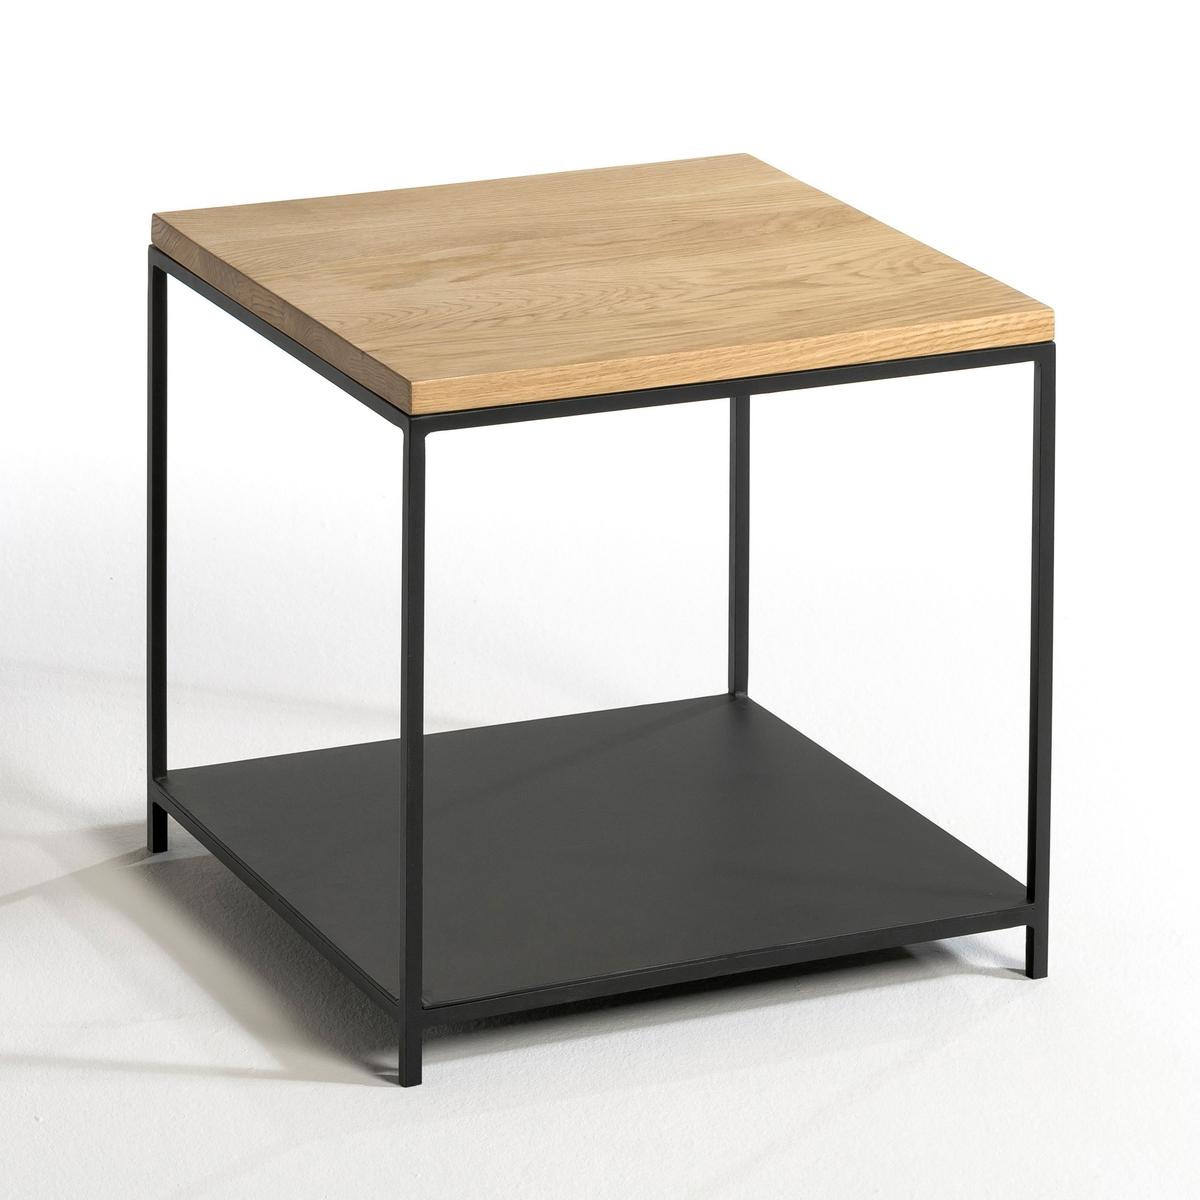 Диванный LaRedoute Столик из массива дуба Aranza единый размер каштановый столик laredoute журнальный из дуба покрытого олифой adelita единый размер каштановый